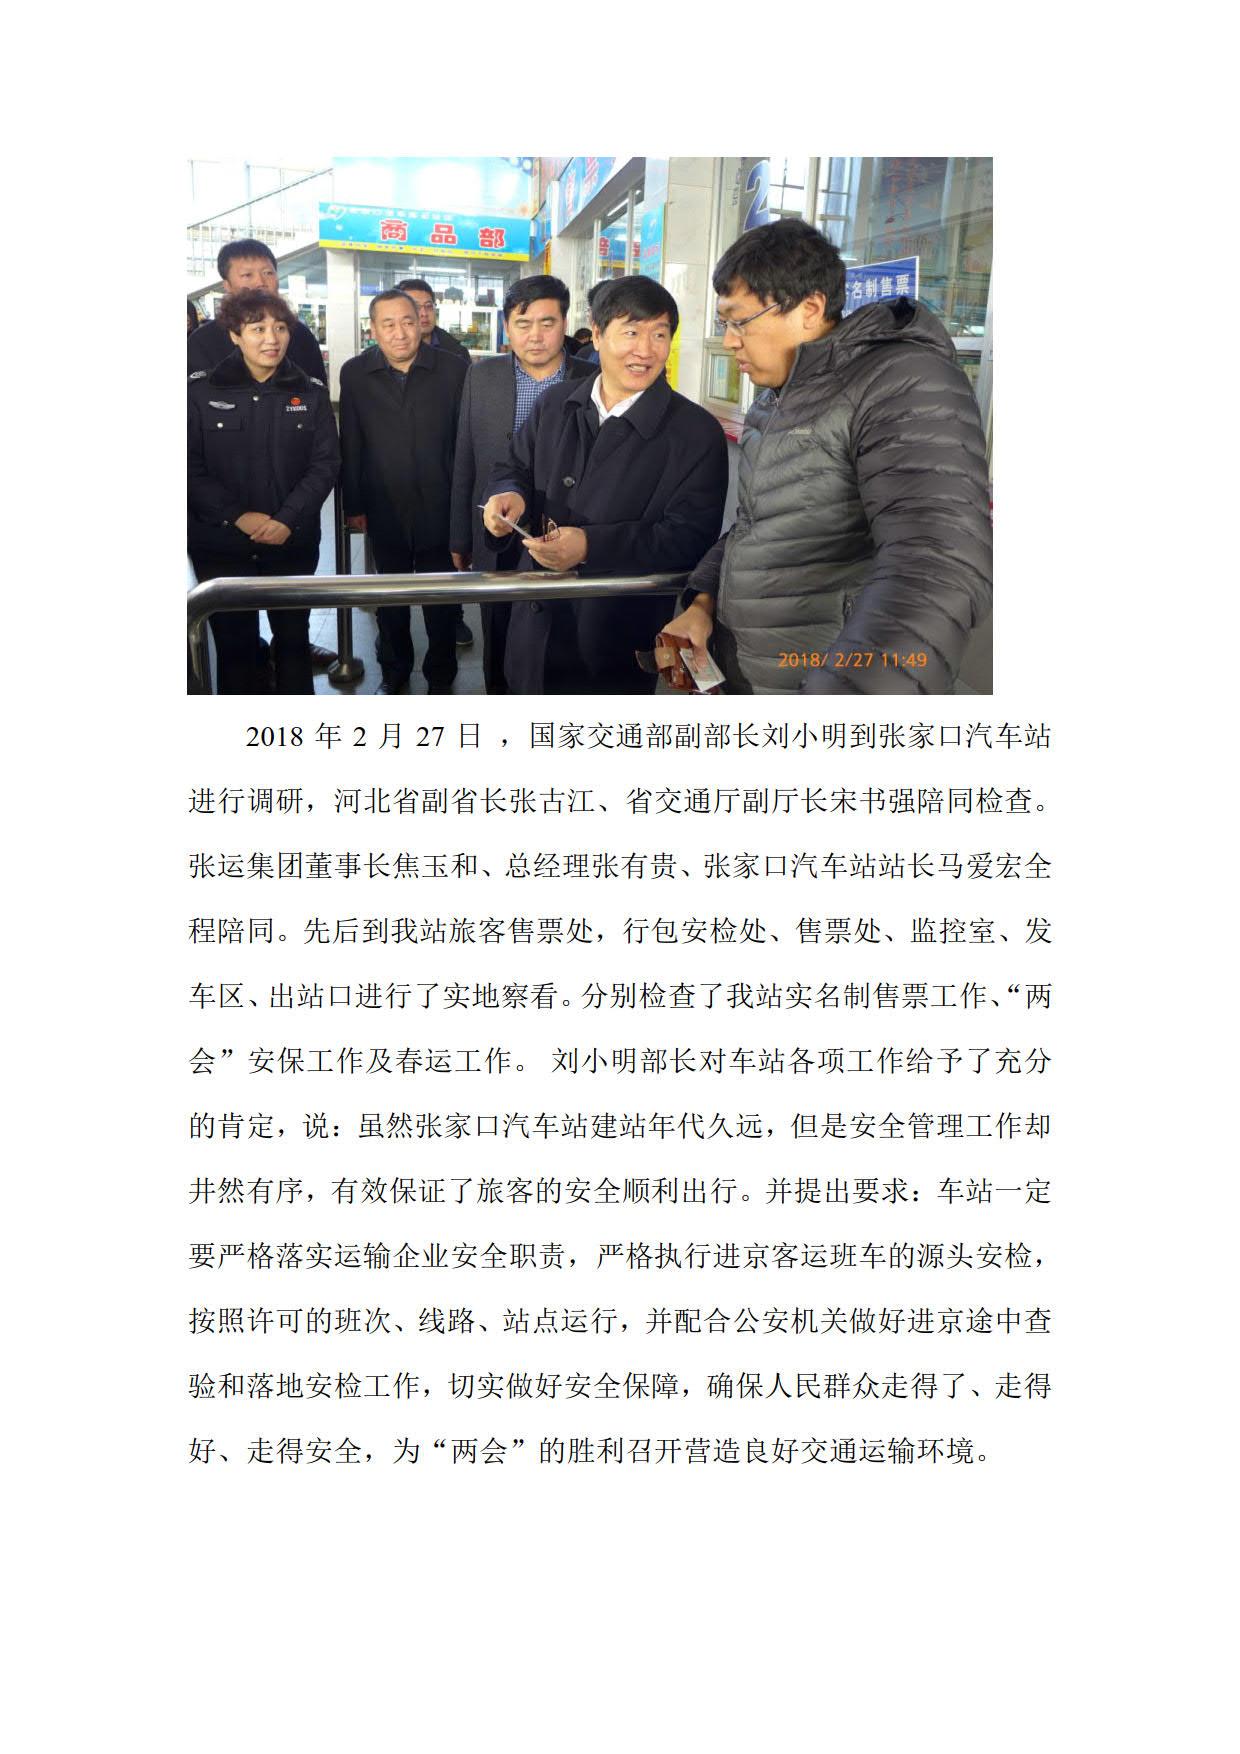 交通运输部副部长刘小明2018-2-27_1.jpg